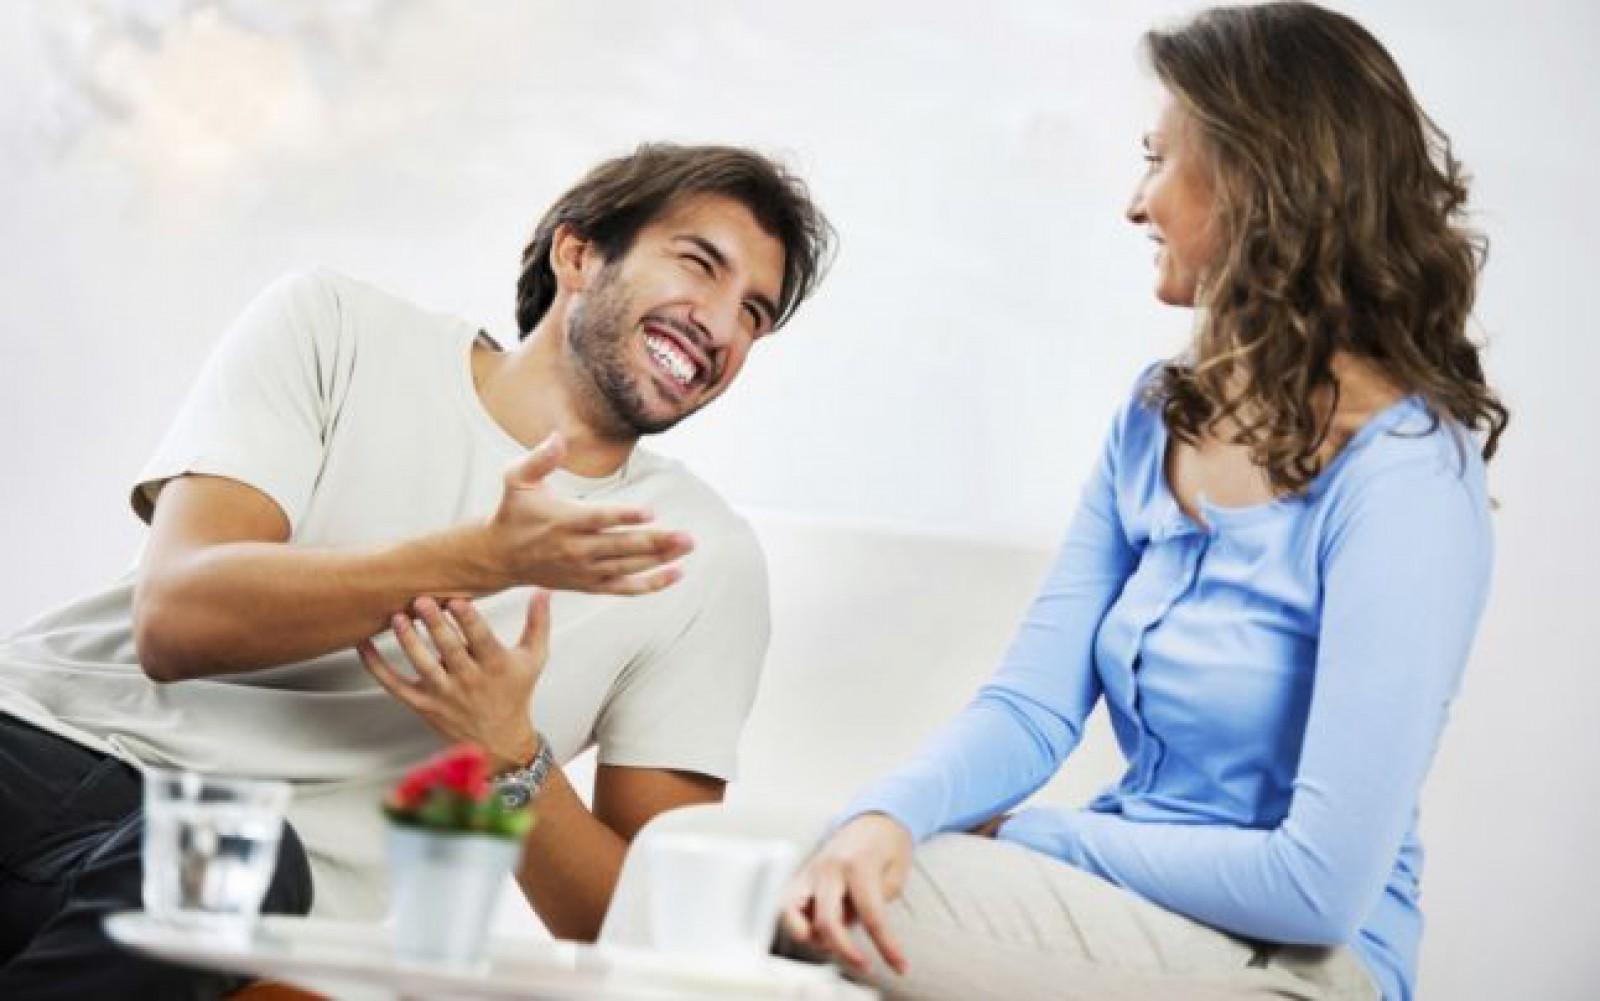 Studiu: Deşi are o reputaţie proastă, bârfitul este chiar bun pentru psihic